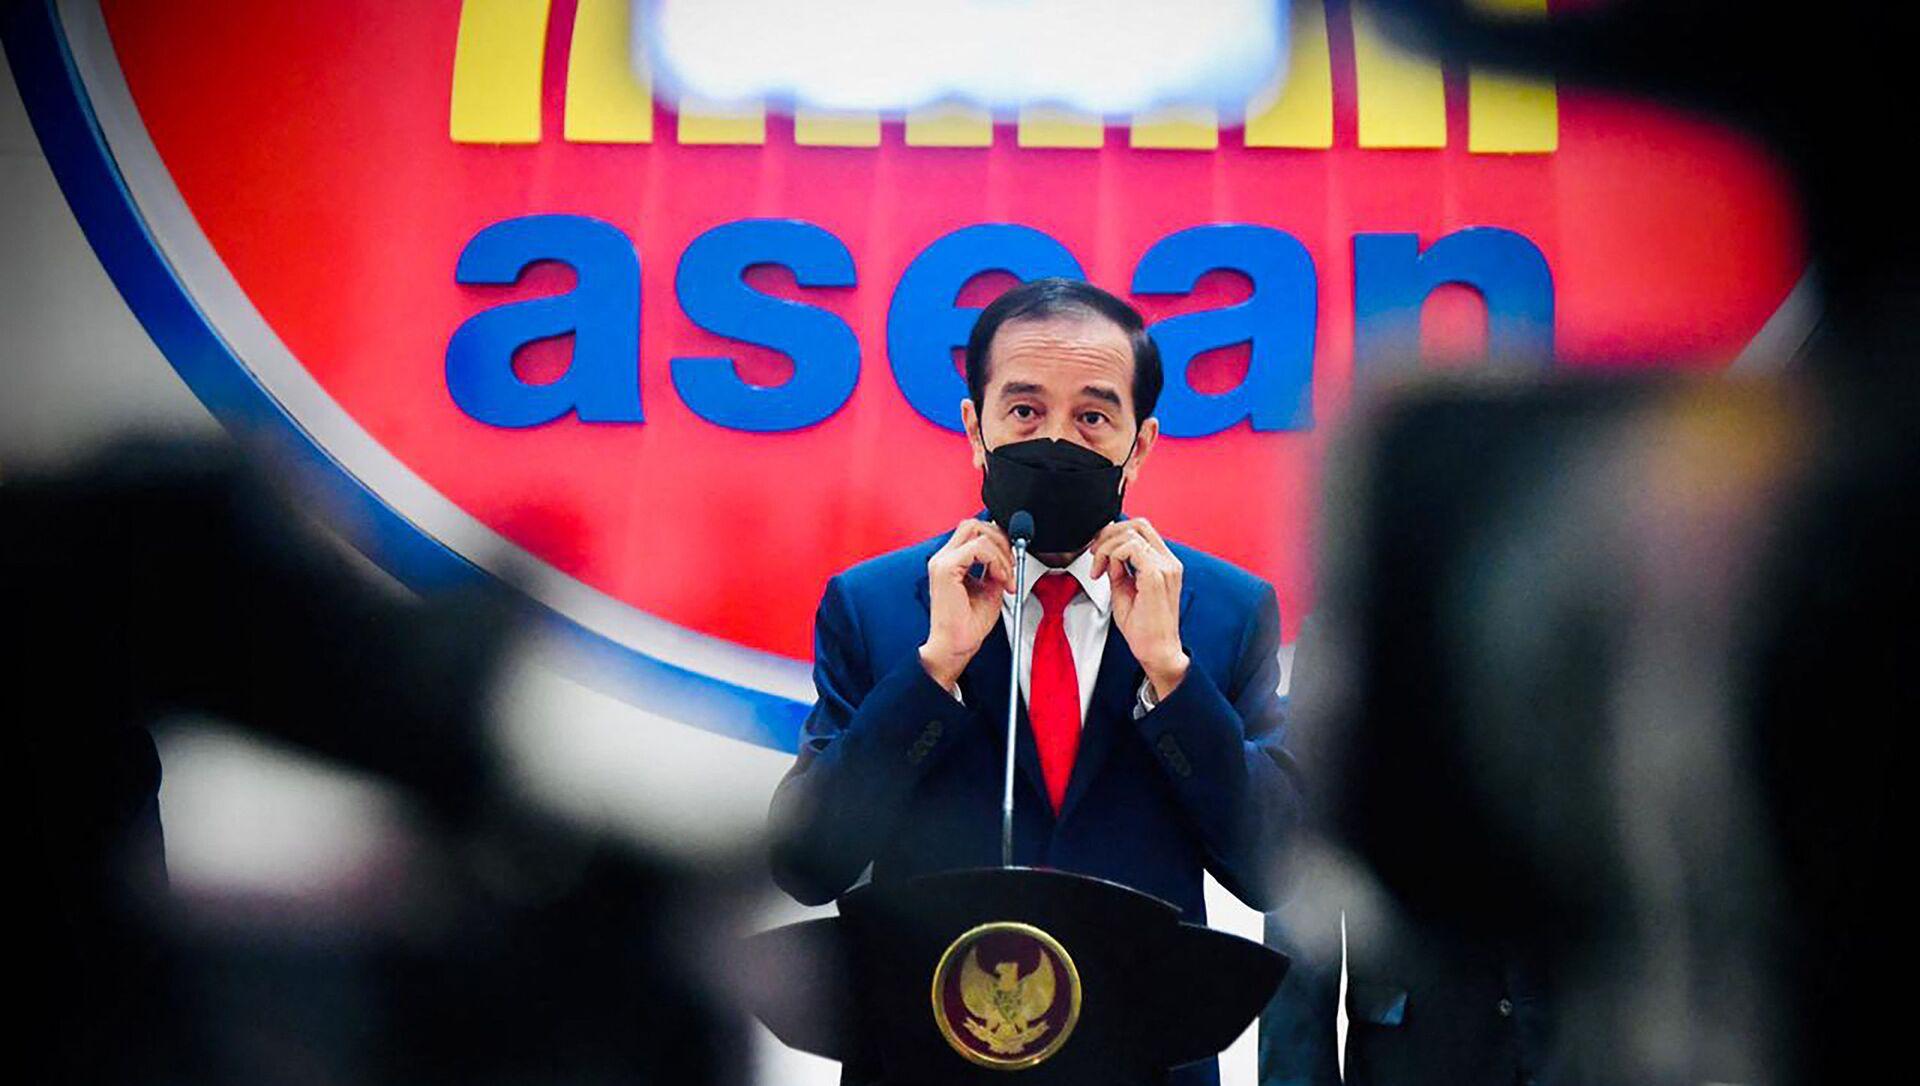 Tổng thống Indonesia Joko Widodo phát biểu trong Hội nghị thượng đỉnh của ASEAN tại Jakarta  - Sputnik Việt Nam, 1920, 27.04.2021